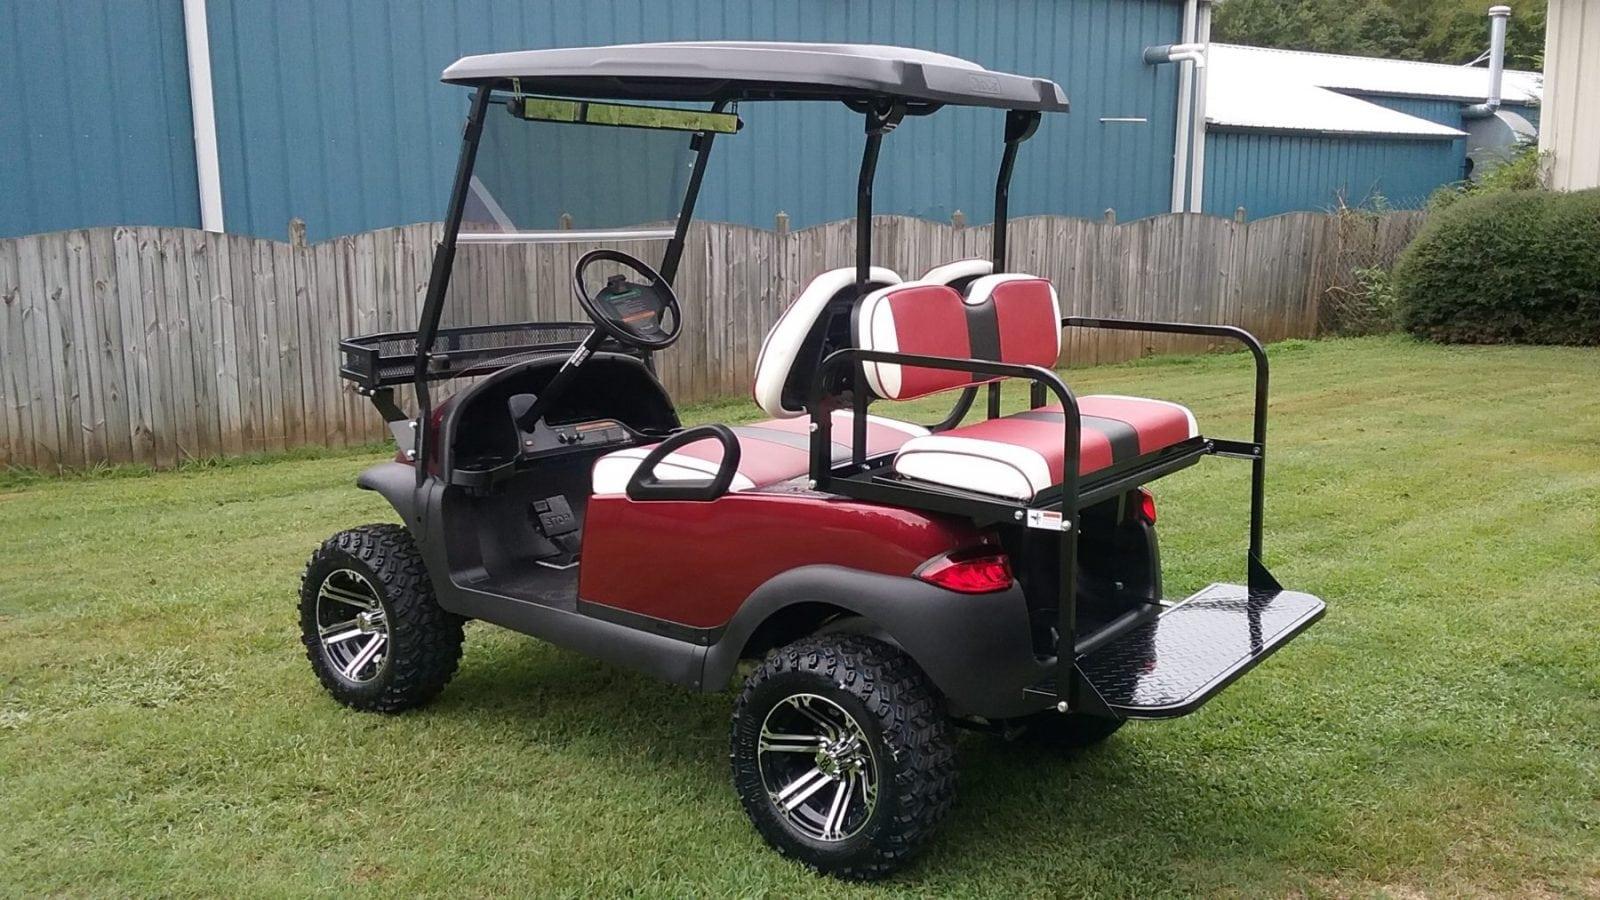 Garnet Club Car Precedent - Custom Golf Carts Columbia   Sales, Services & Parts